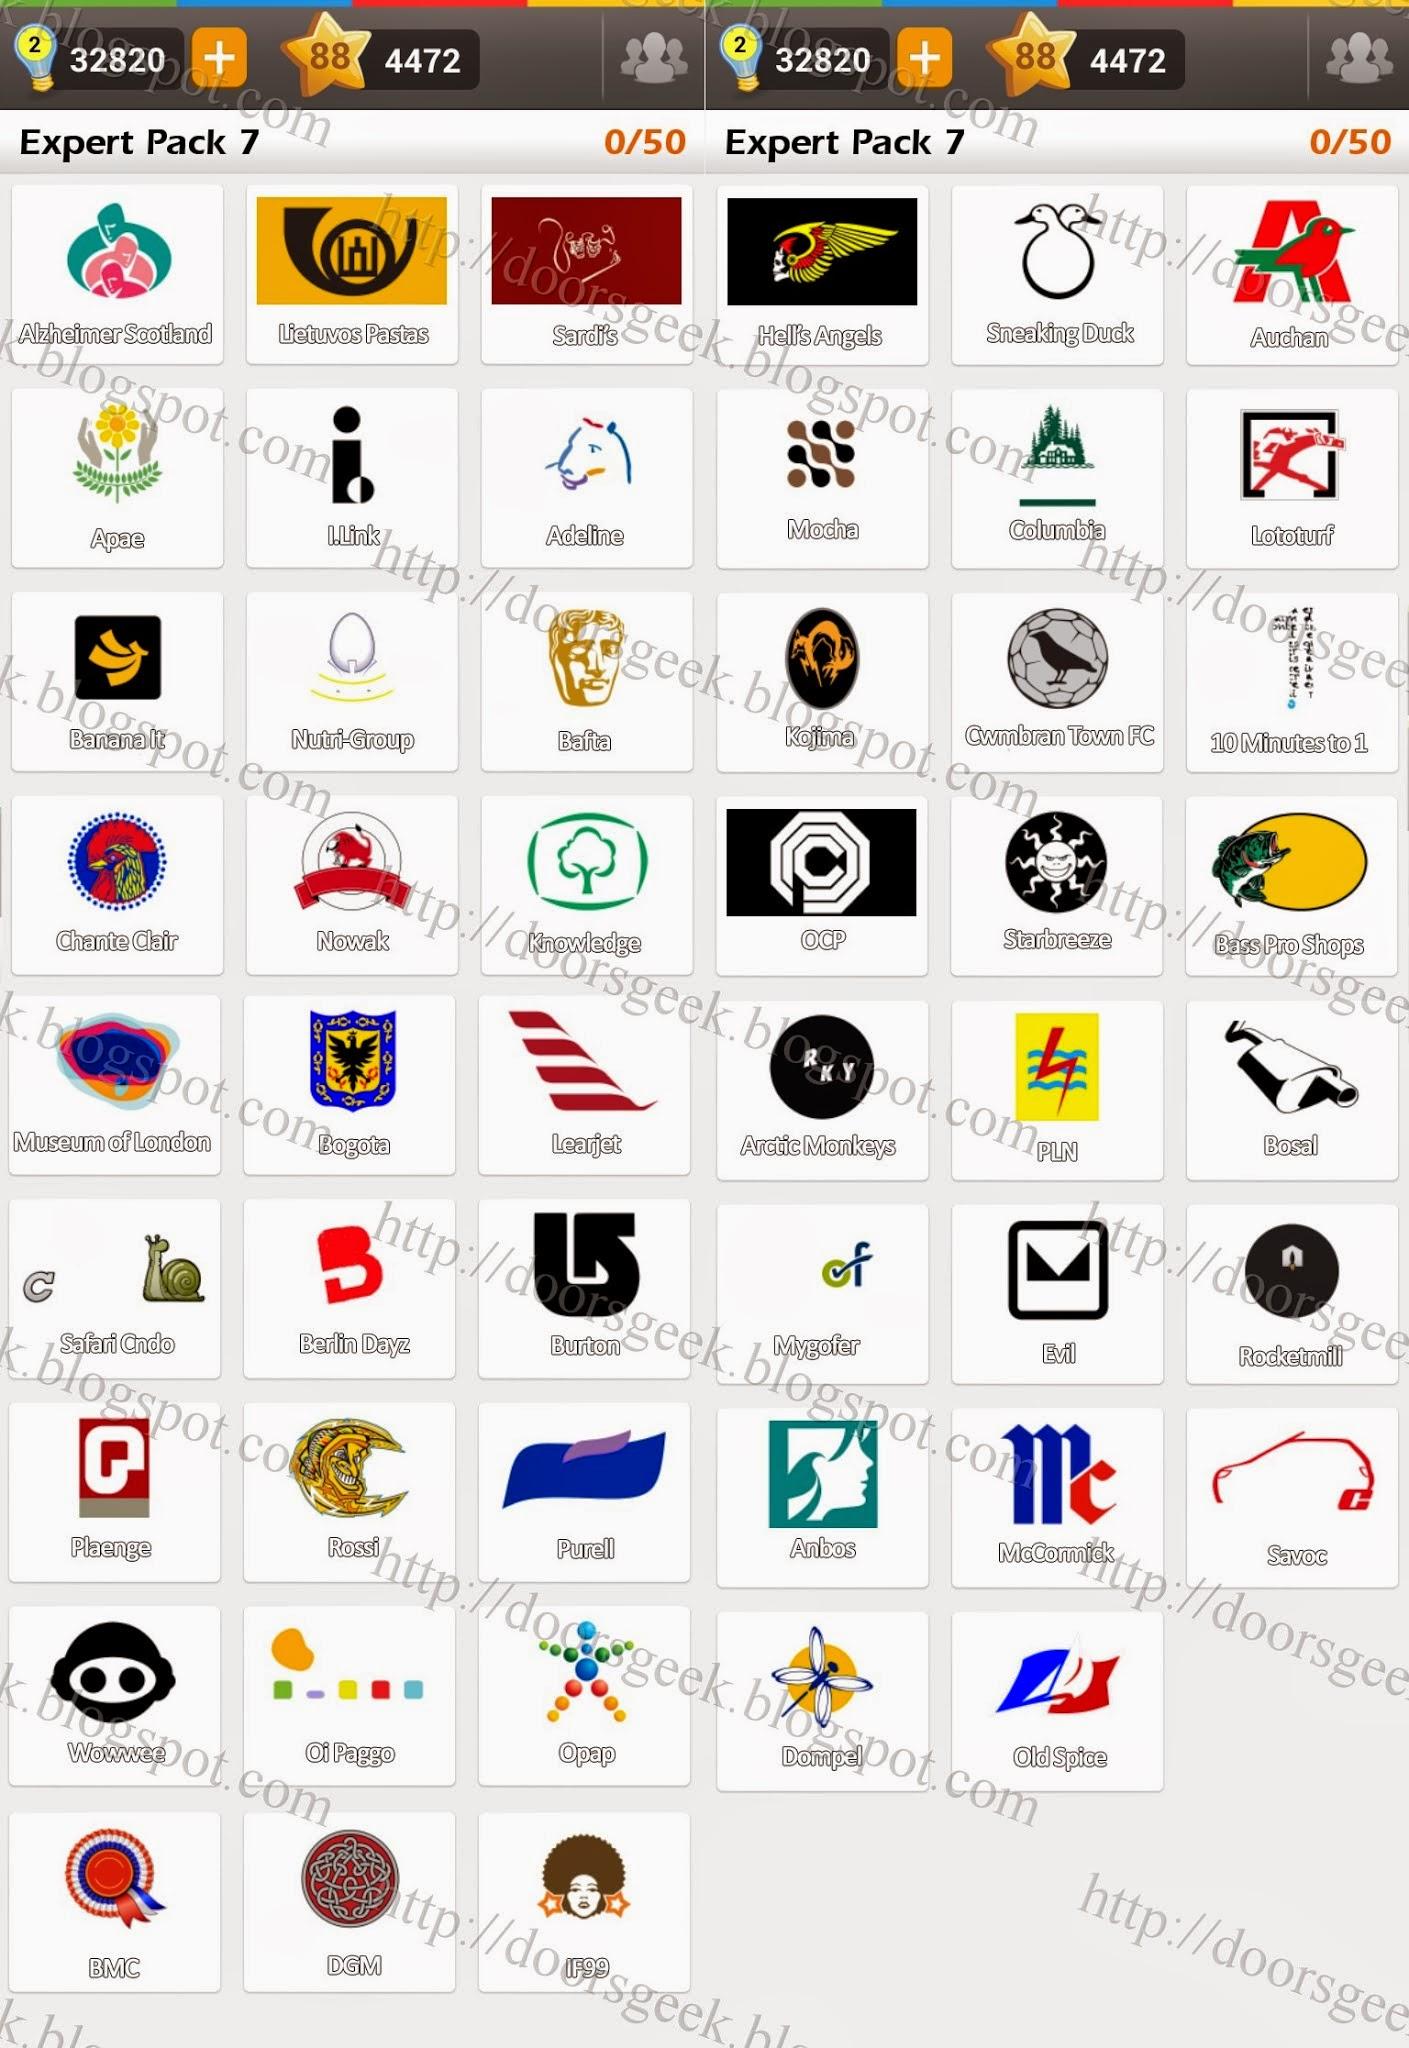 logo game guess the brand expert pack 7 doors geek